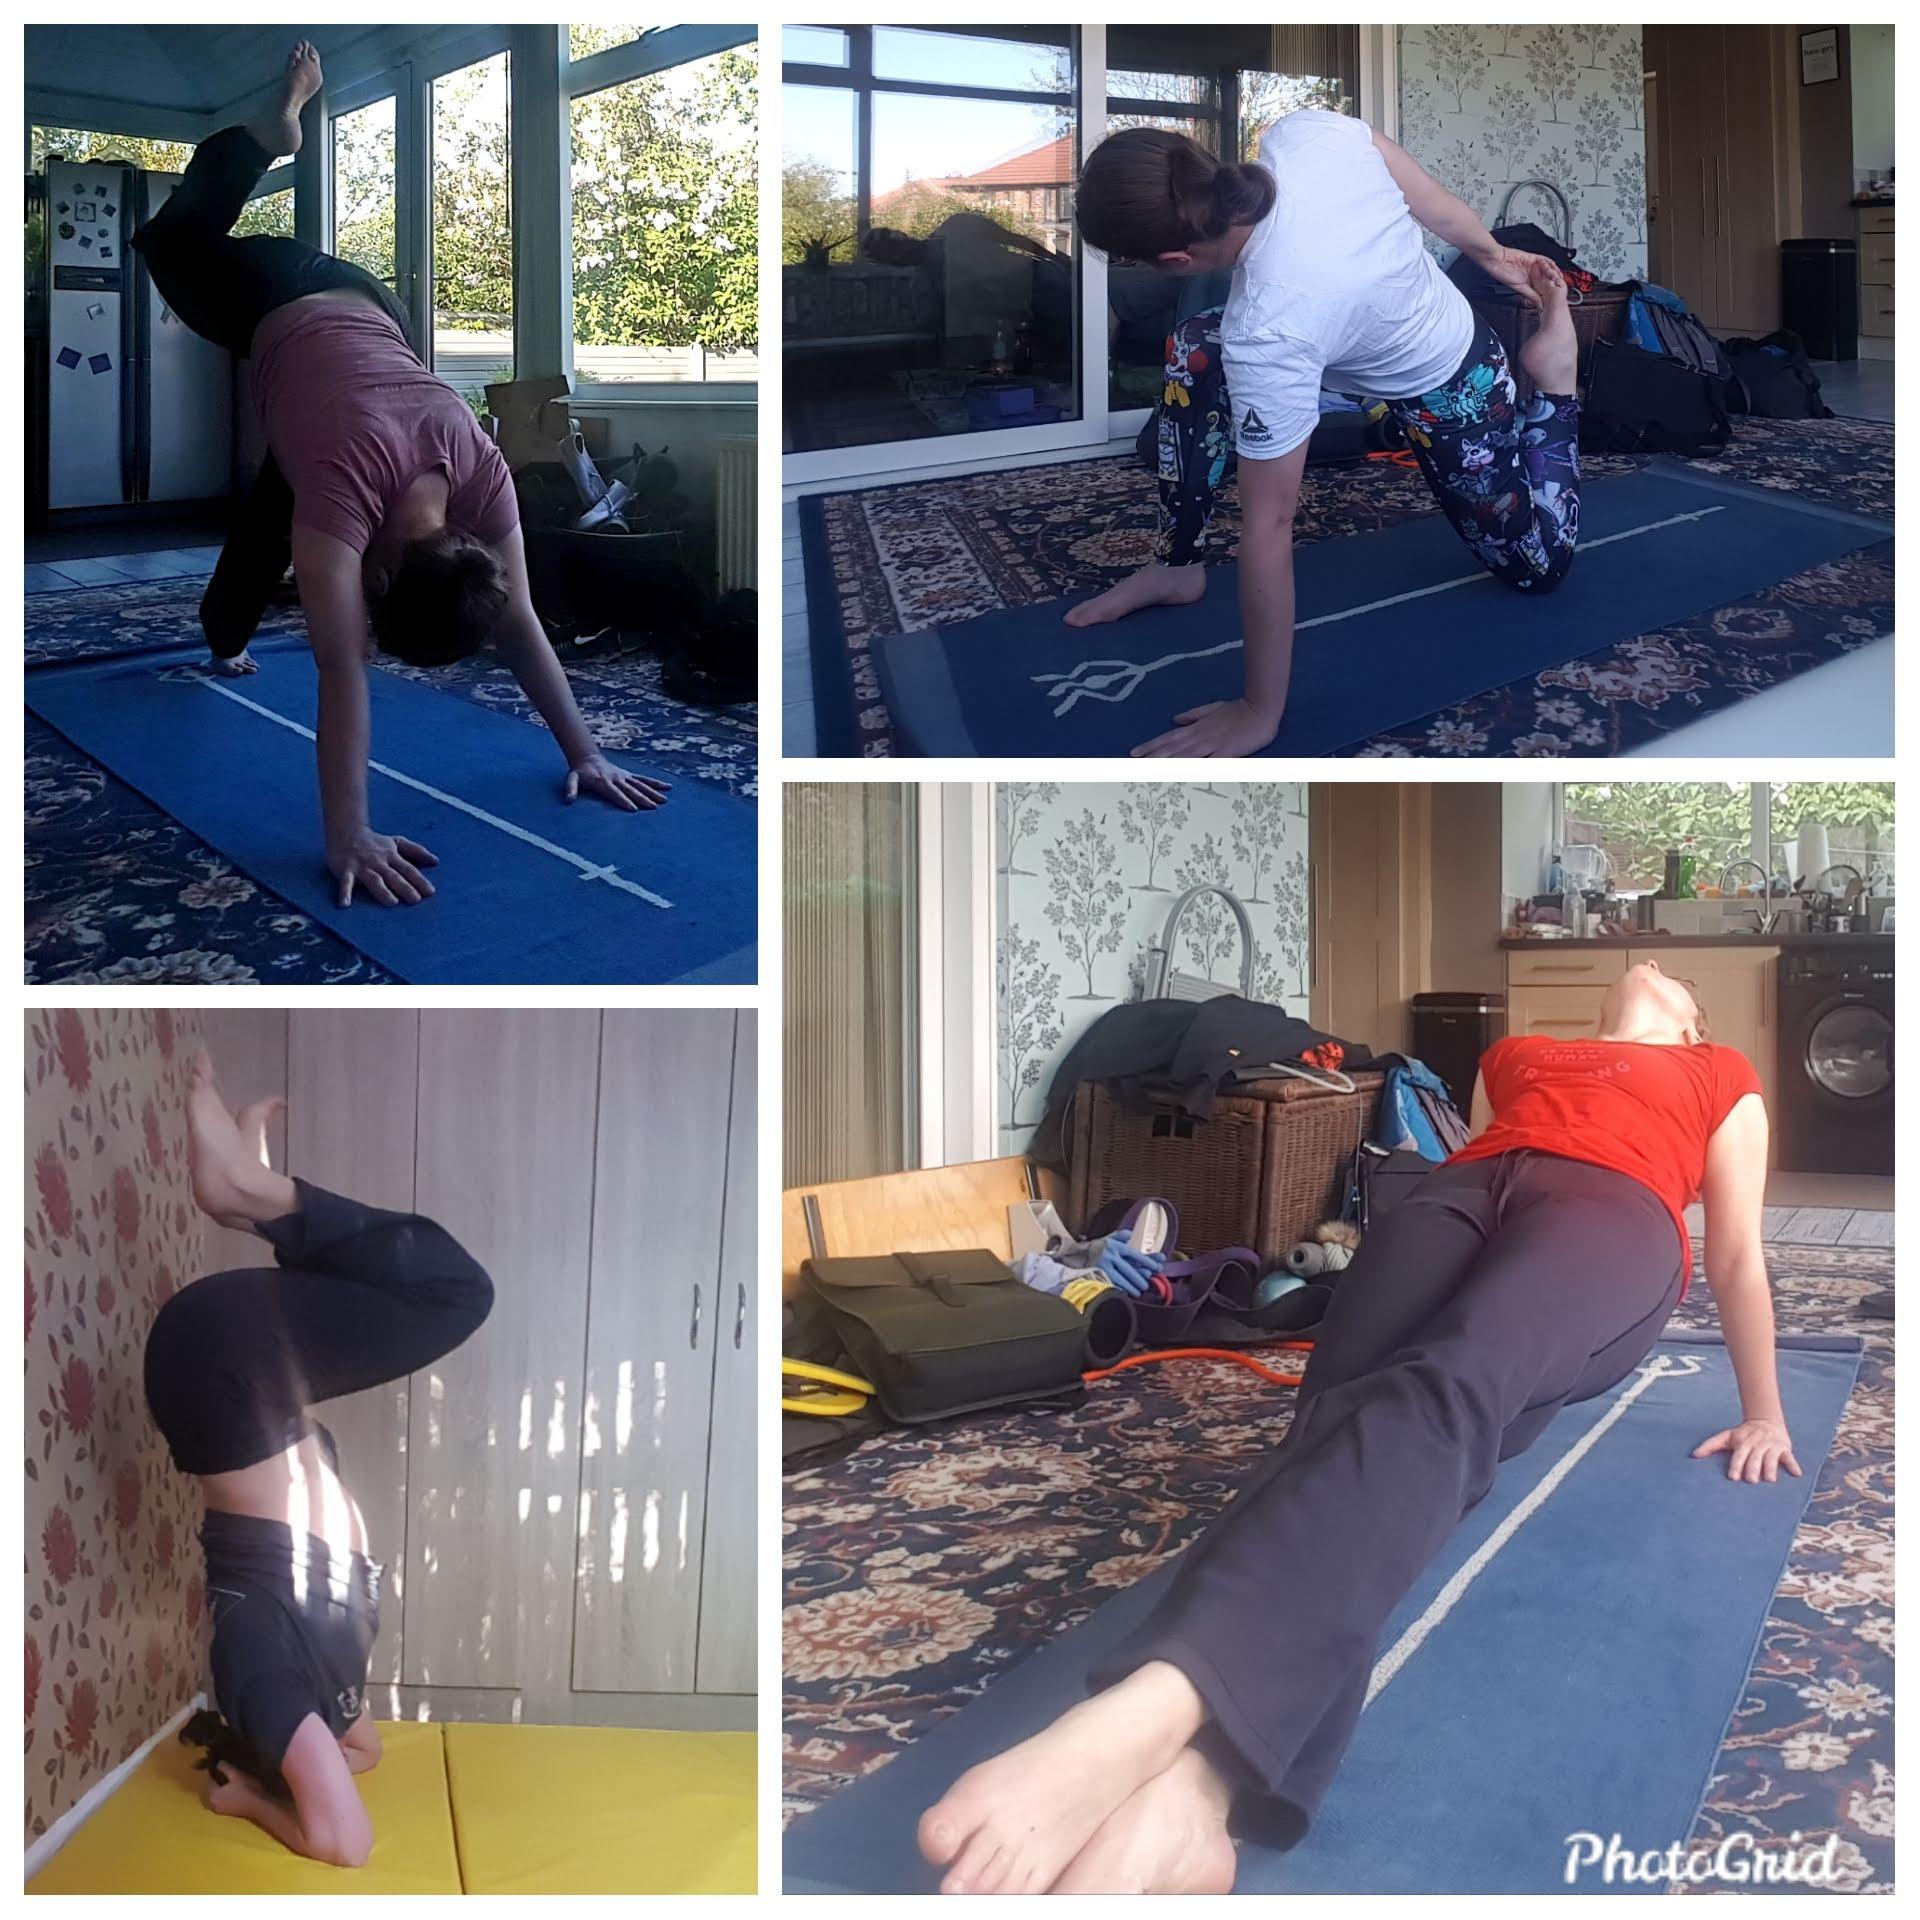 BJJ Minion attempting various yoga poses